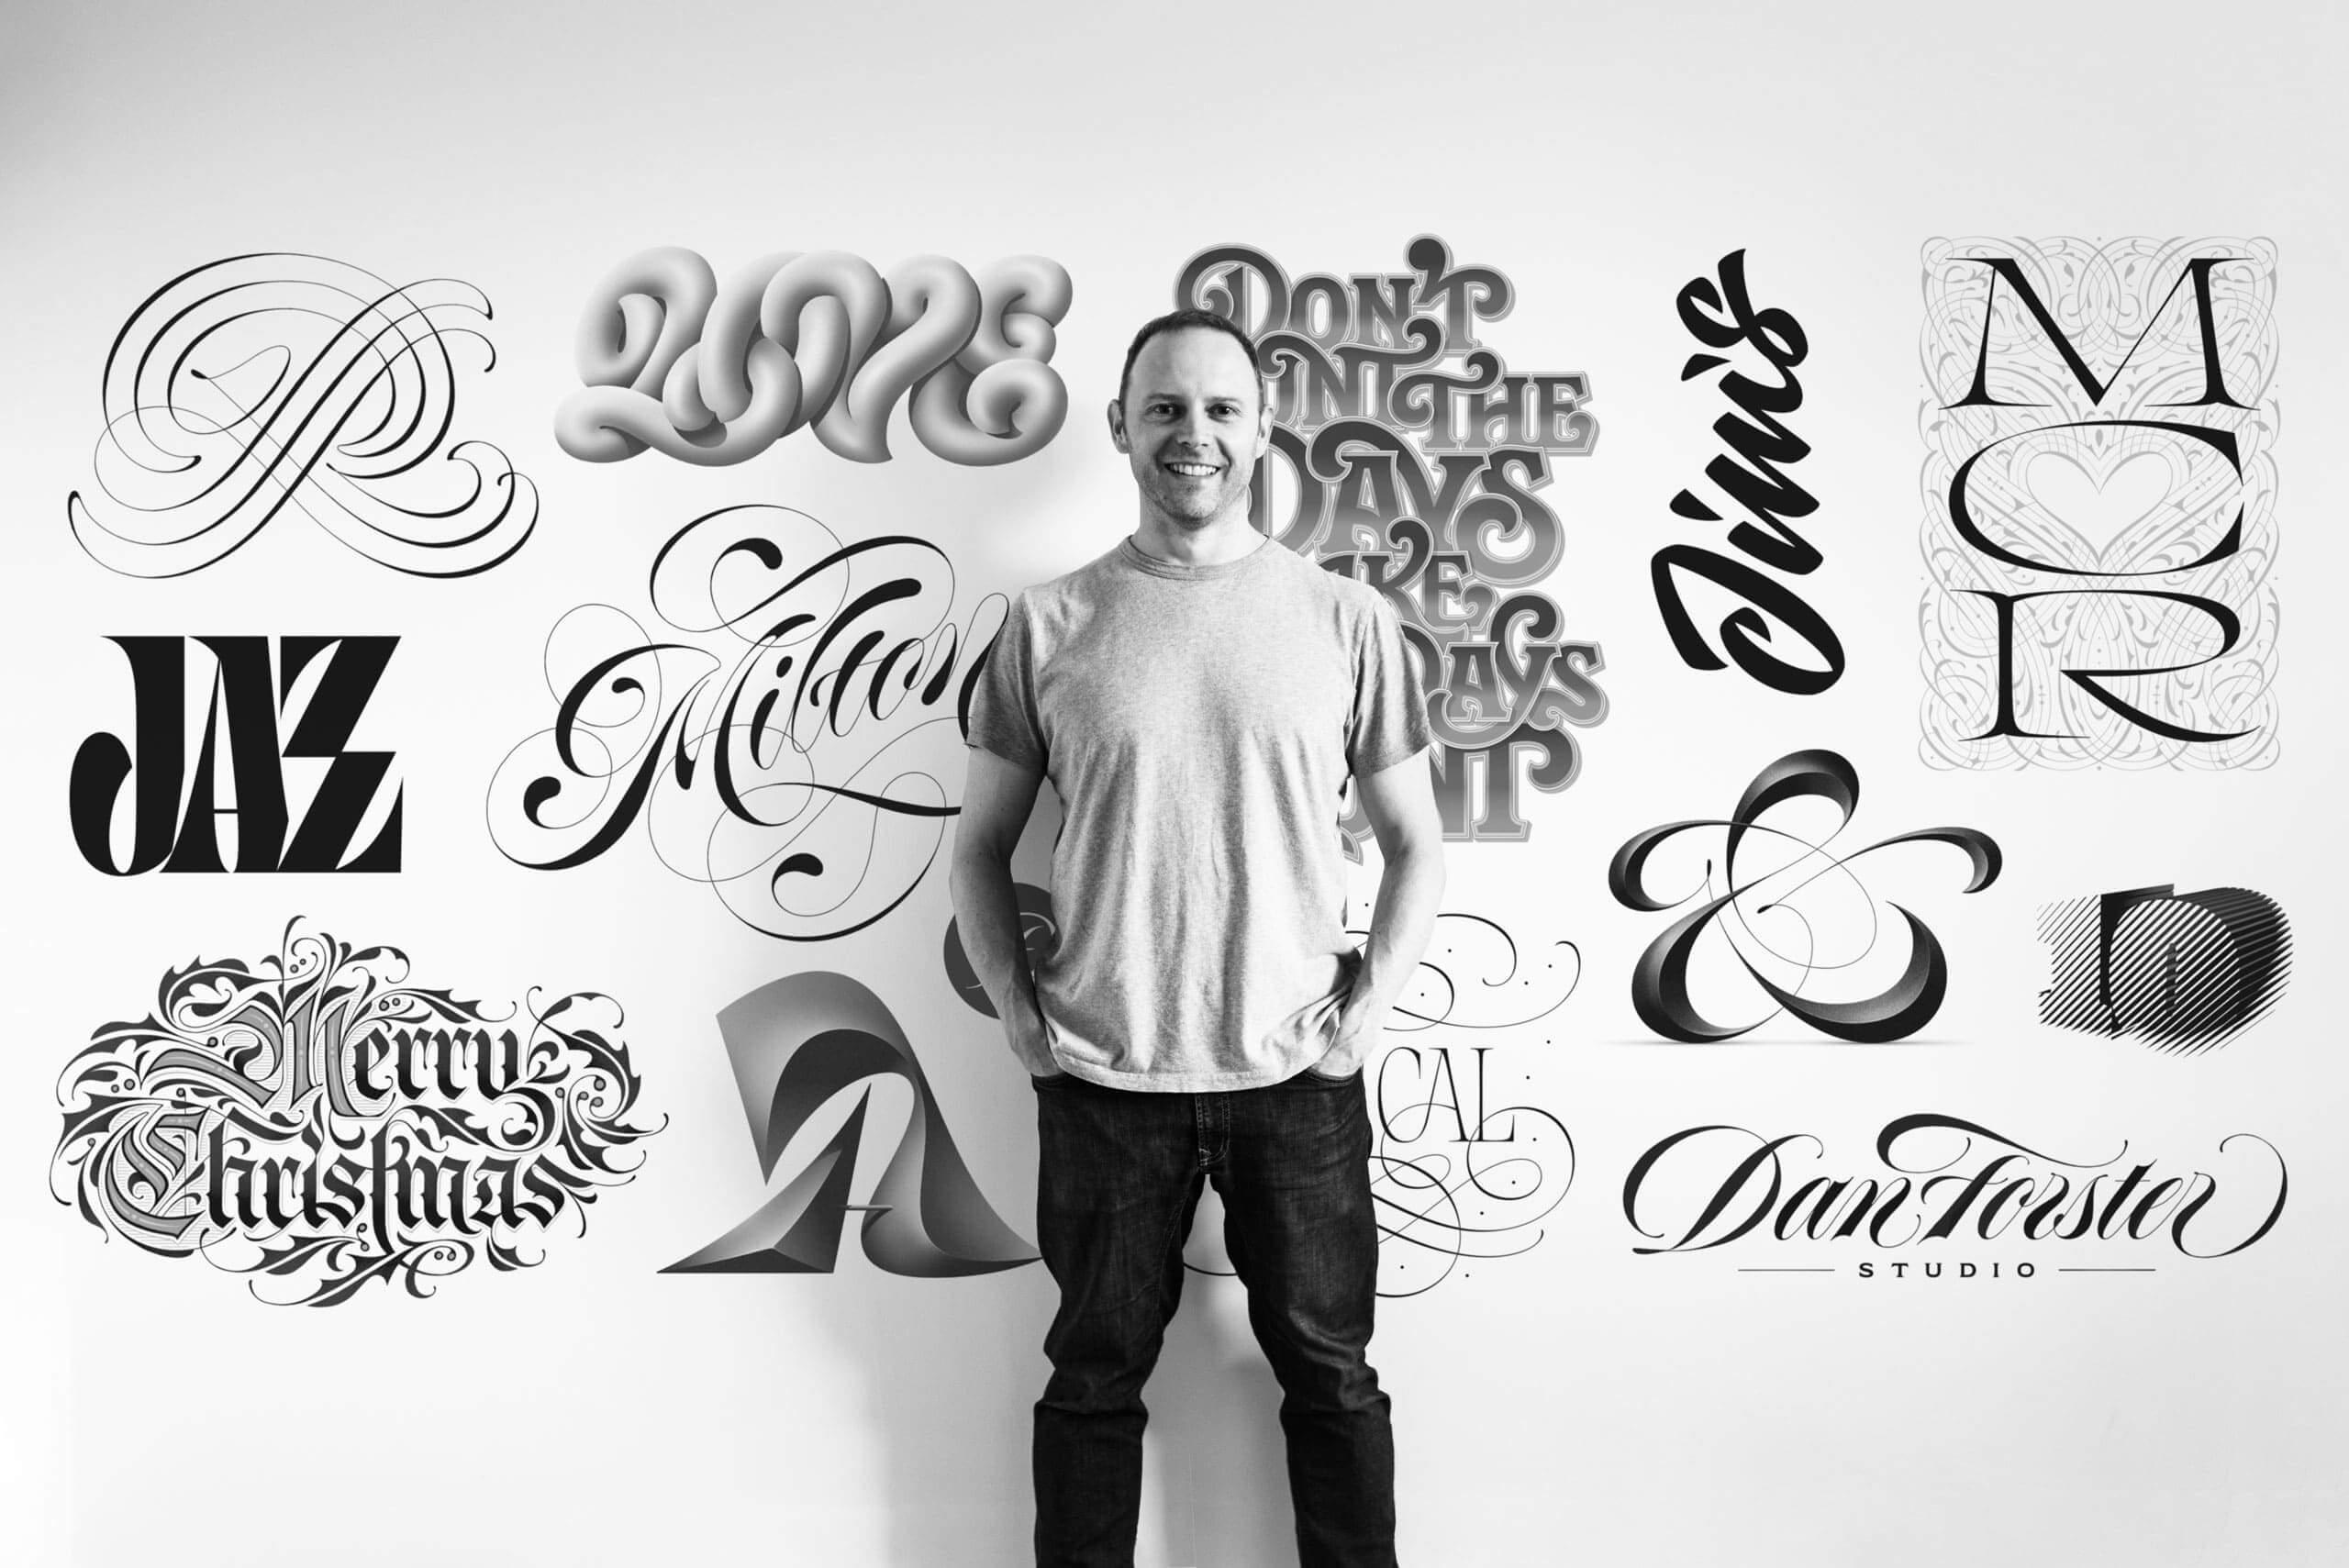 Dan Forster - studio 1